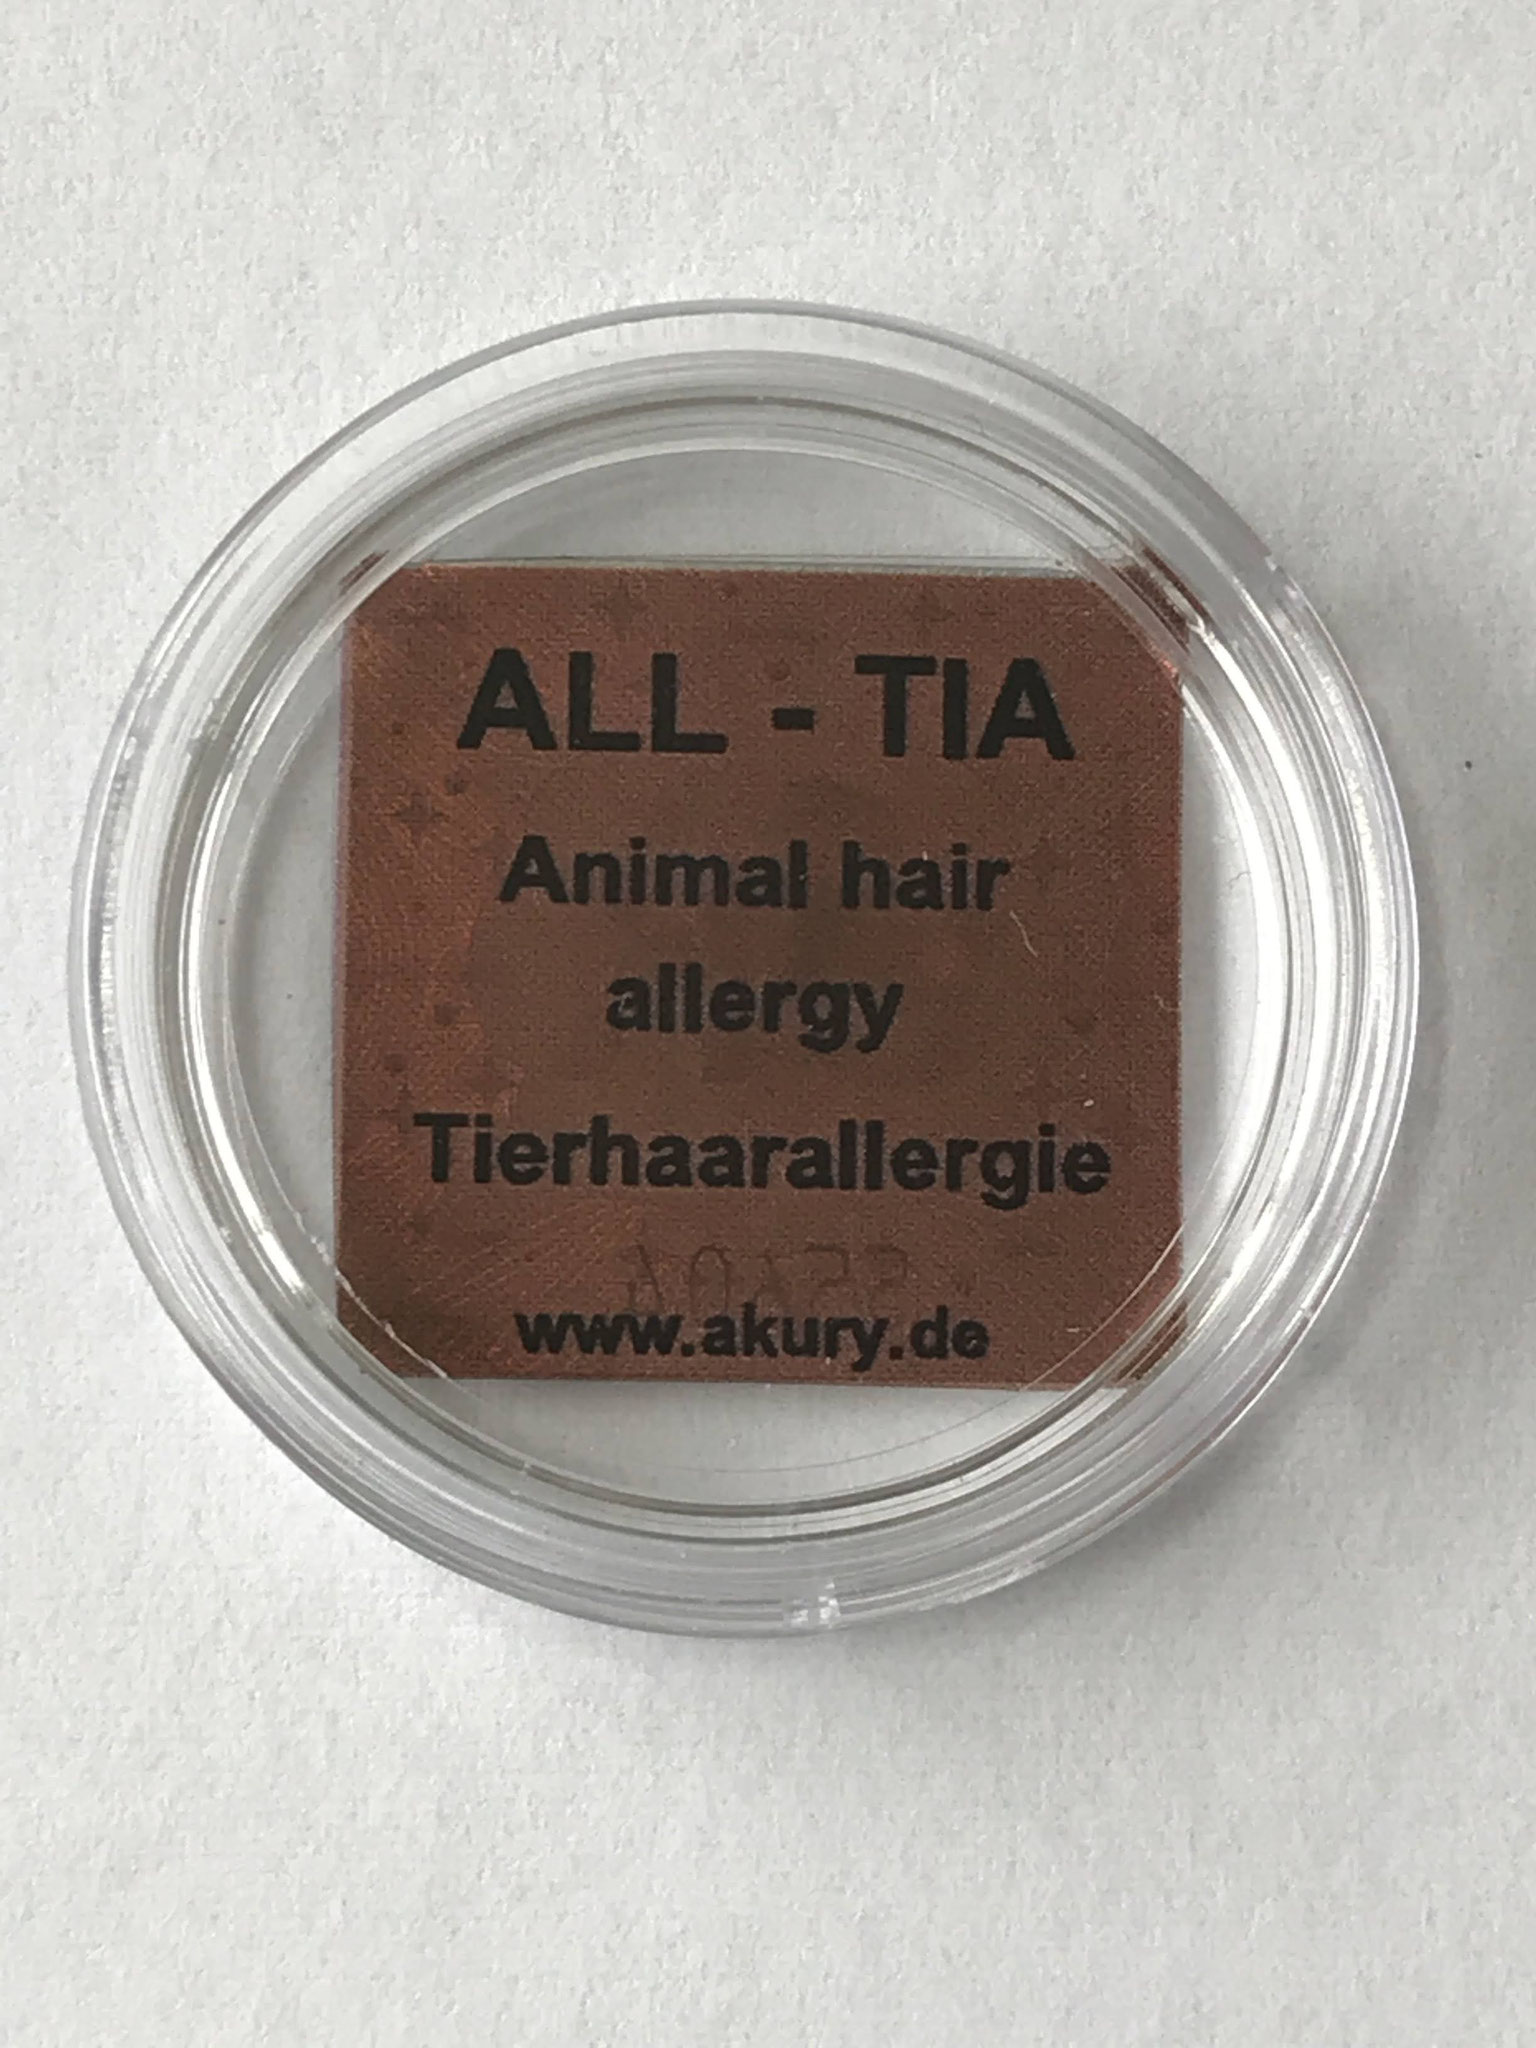 動物の毛アレルギー